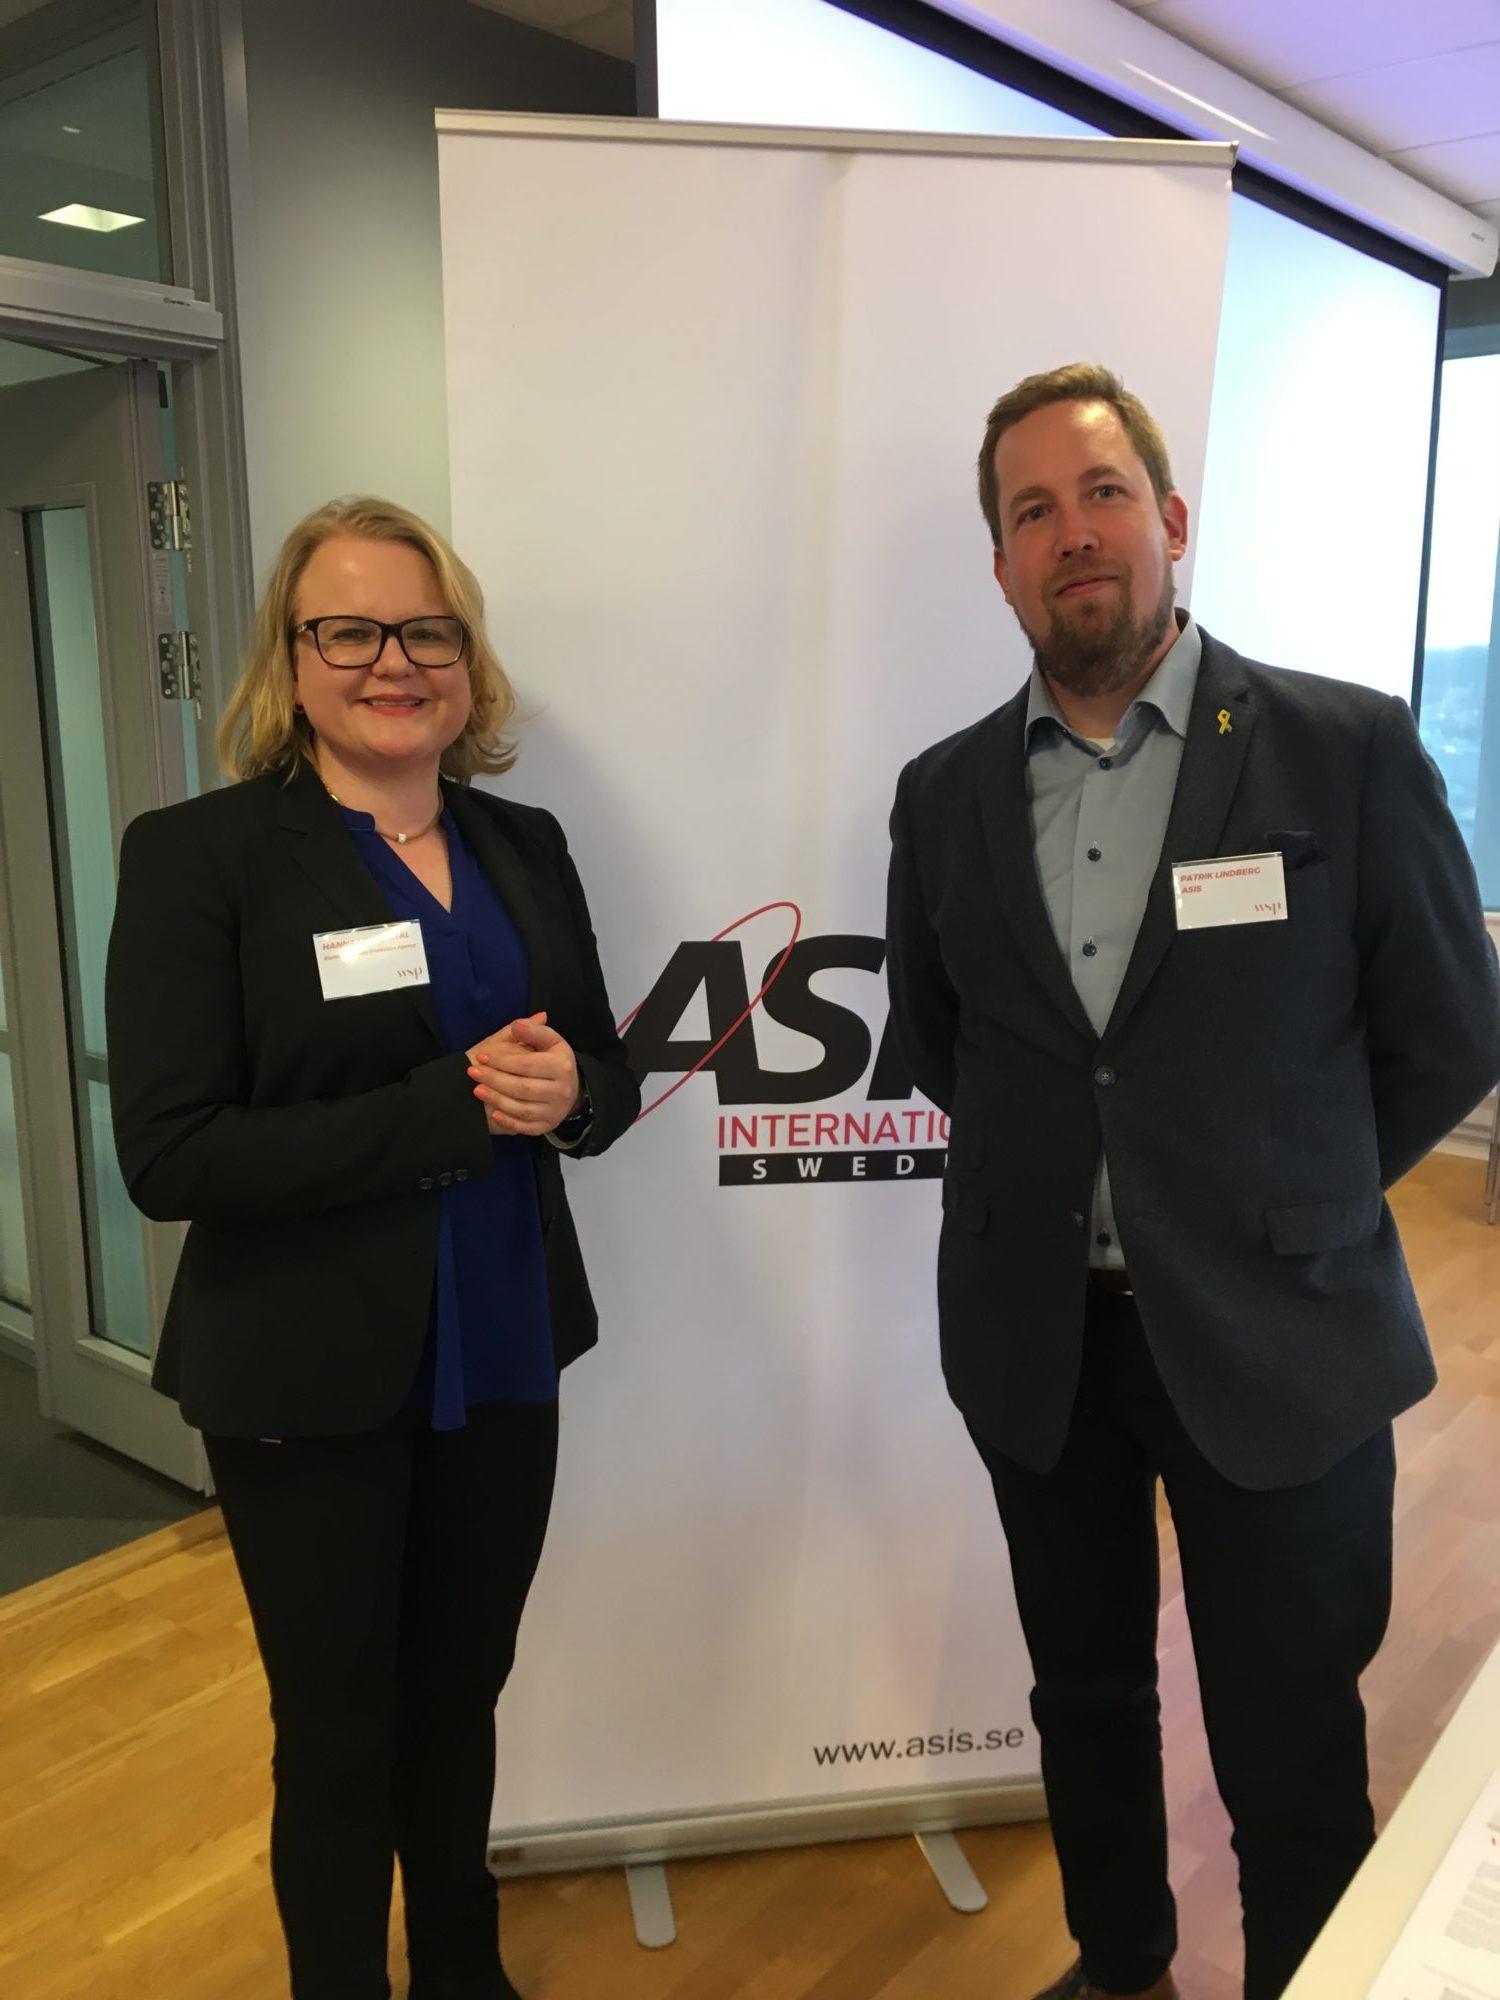 Föreläsning om informationspåverkan och virtuella hot i Göteborg fick högsta betyg!